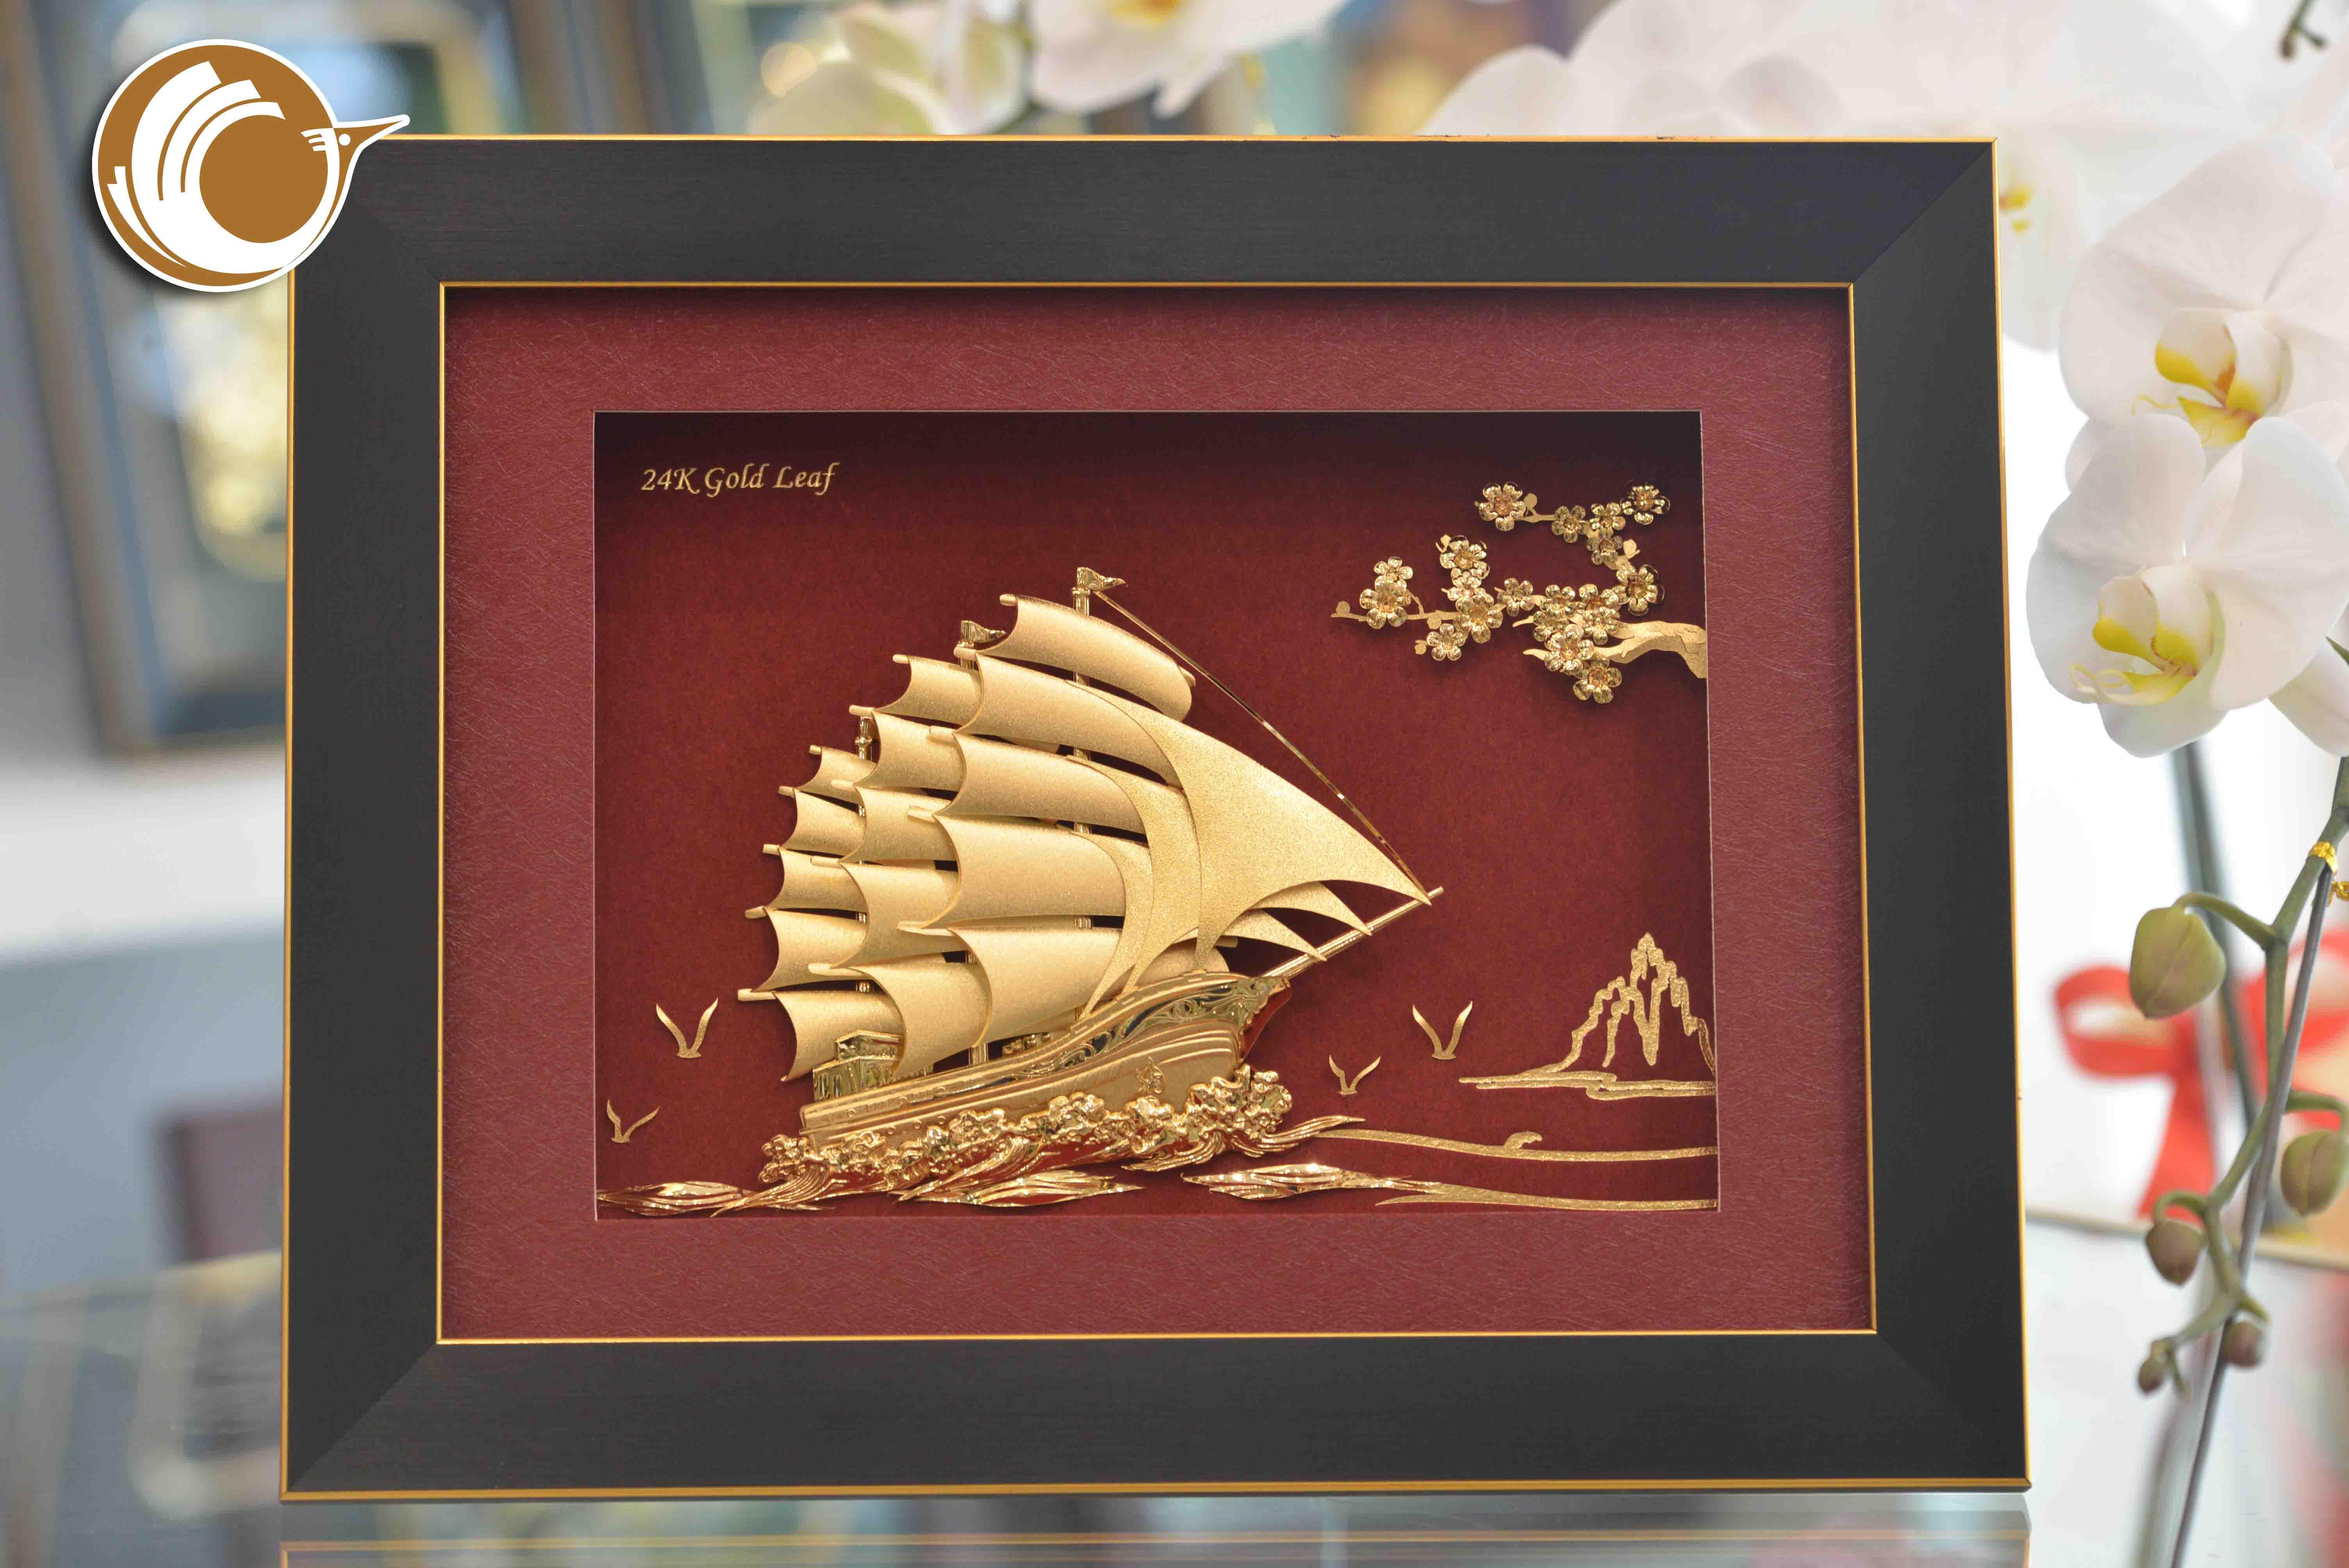 Quà Tặng Doanh Nghiệp- Tranh Thuyền Hoa Mai Dát Vàng0